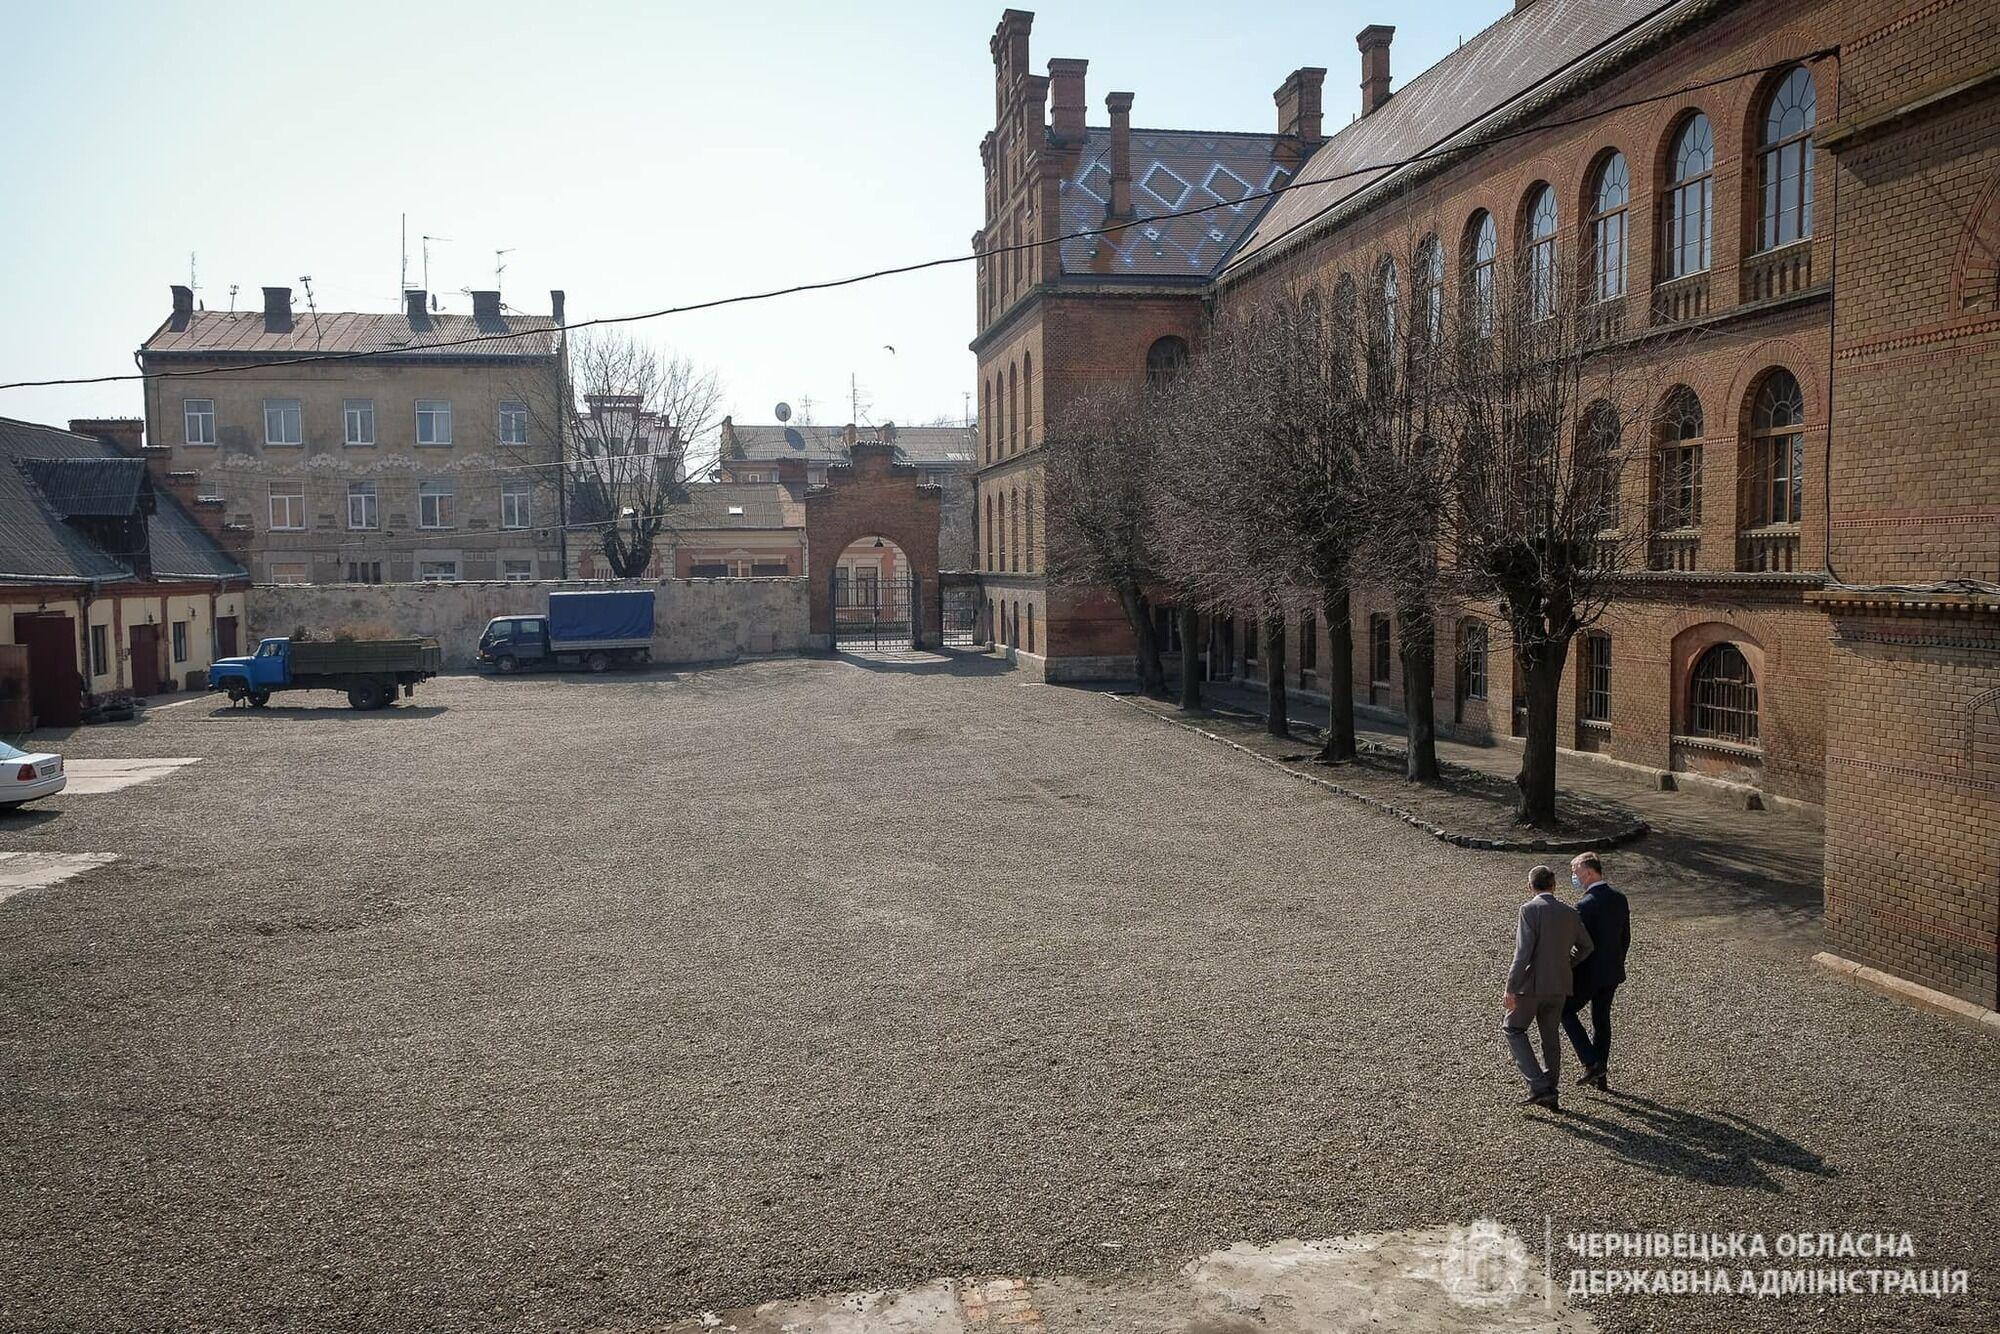 Будет обновлен хозяйственный двор университета